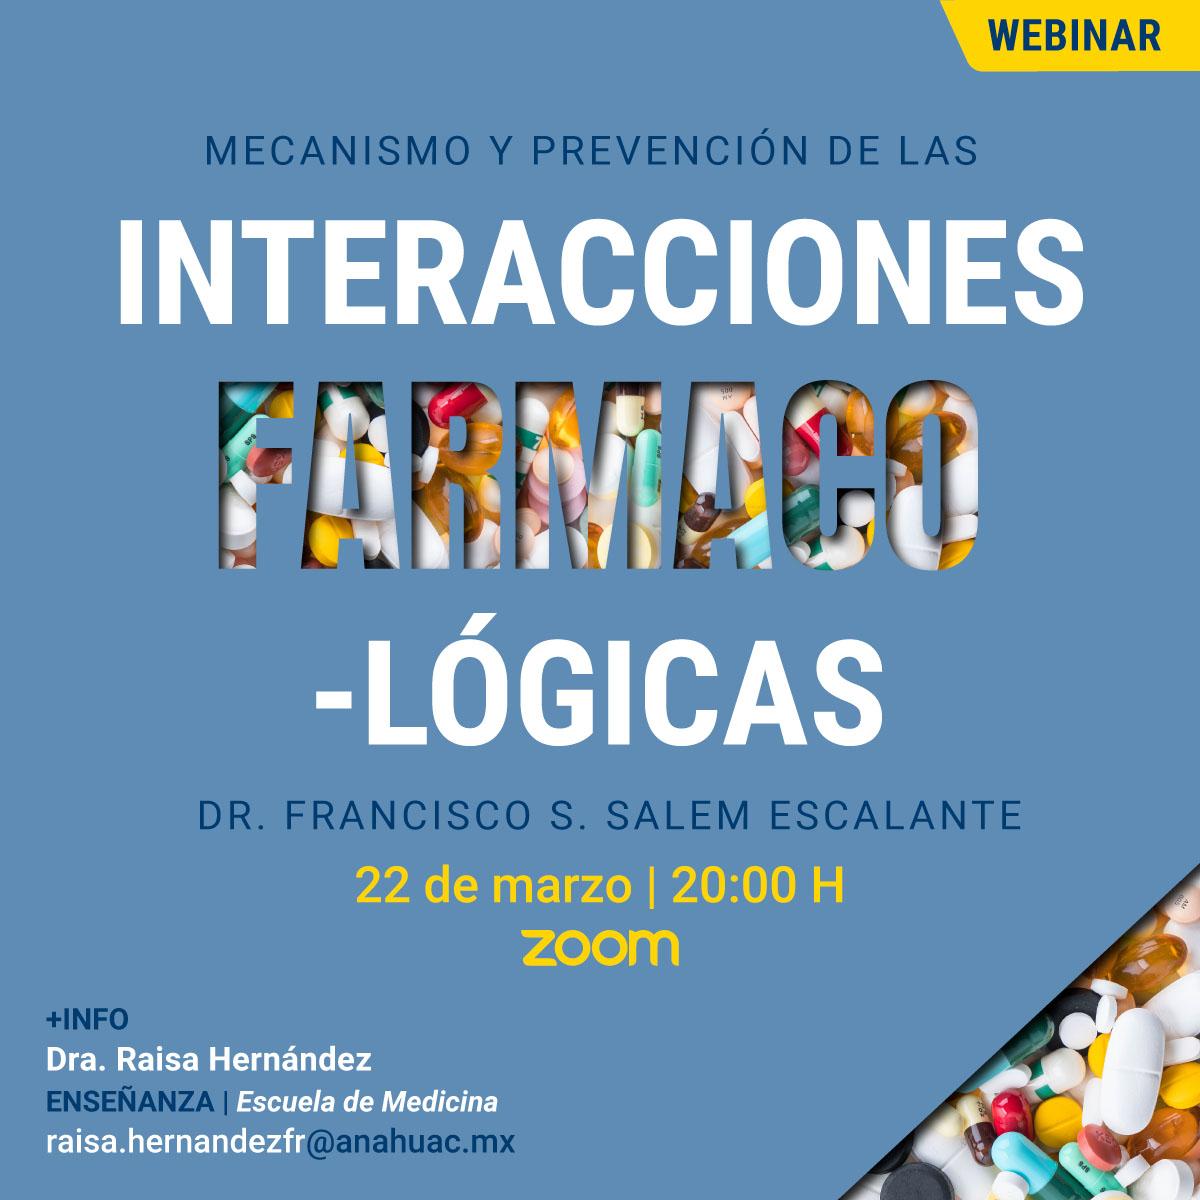 Mecanismo y Prevención de las Interacciones Farmacológicas